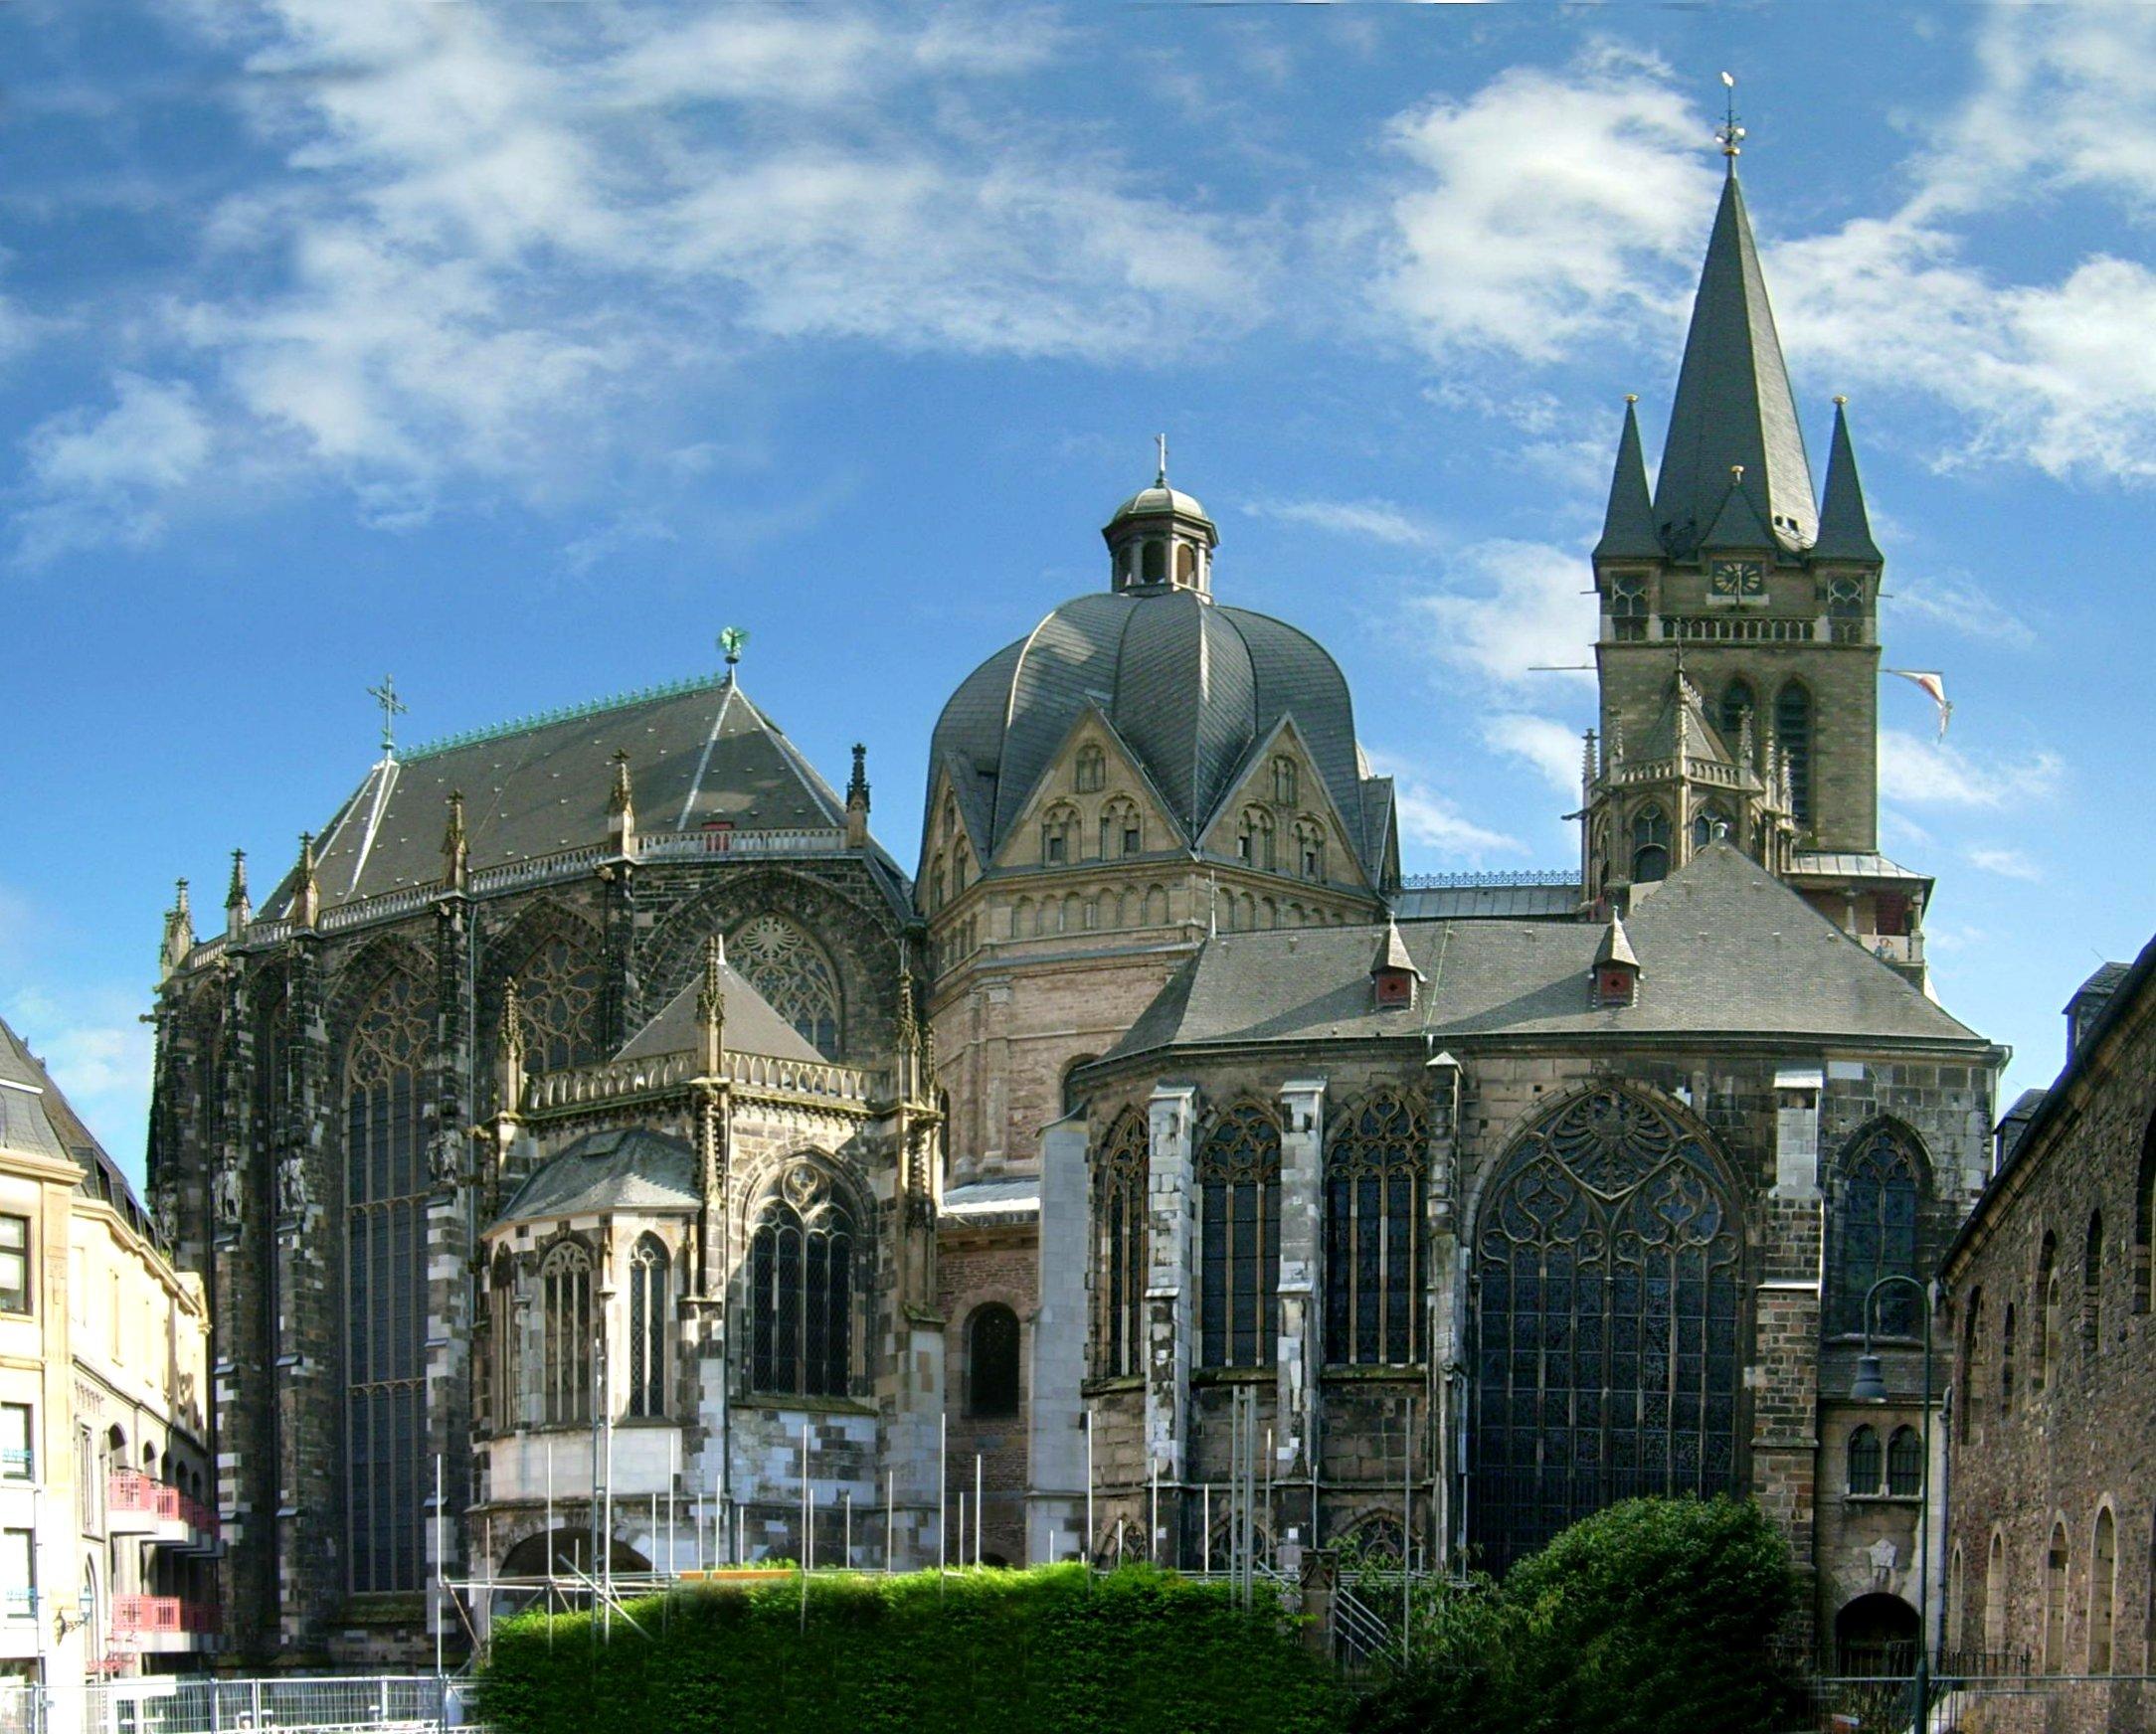 Der Aachener Dom diente bis 1531 insgesamt 31 deutschen Herrschern als Krönungsstätte.